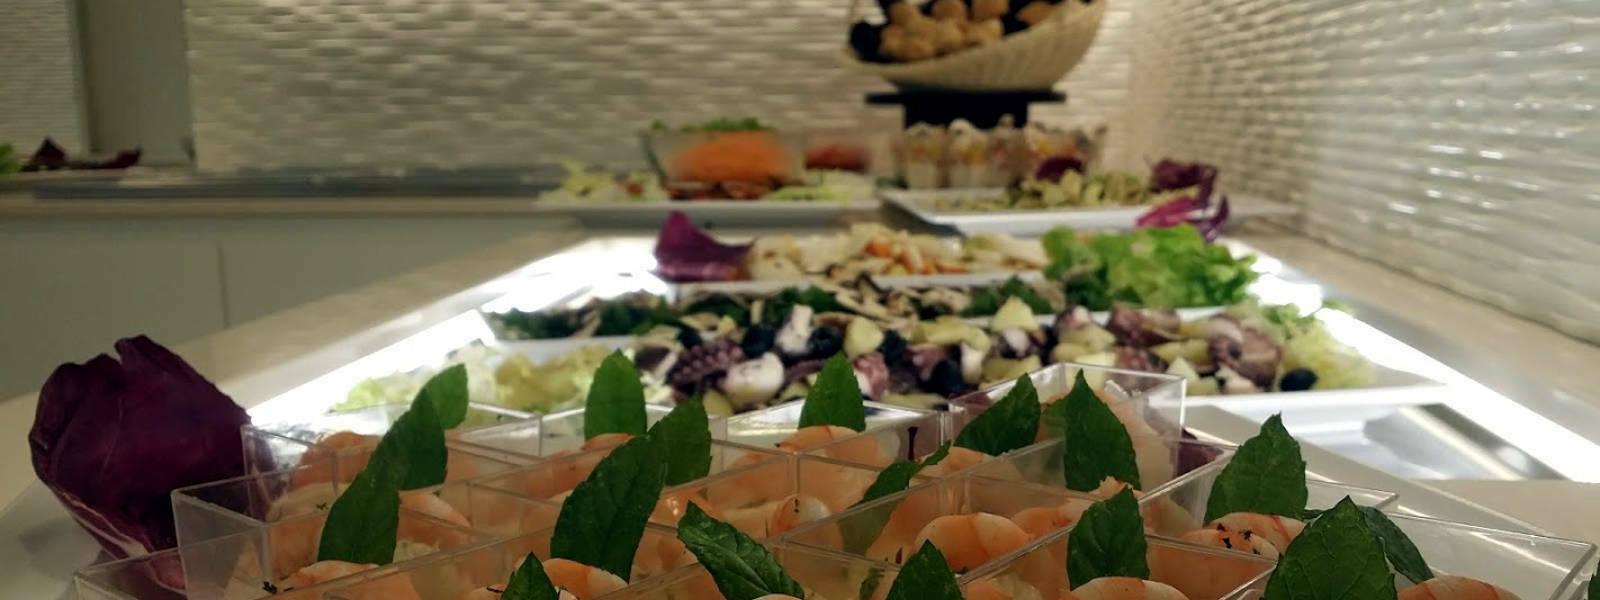 buffet hotel ombretta mare gamberetti 2